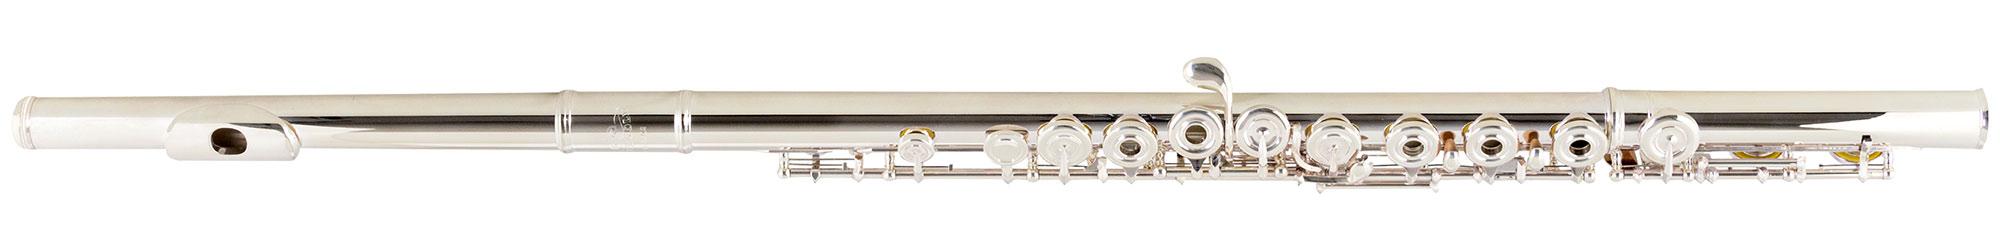 Sonstigeblasinstrumente - Lechgold FL 330R Querflöte - Onlineshop Musikhaus Kirstein